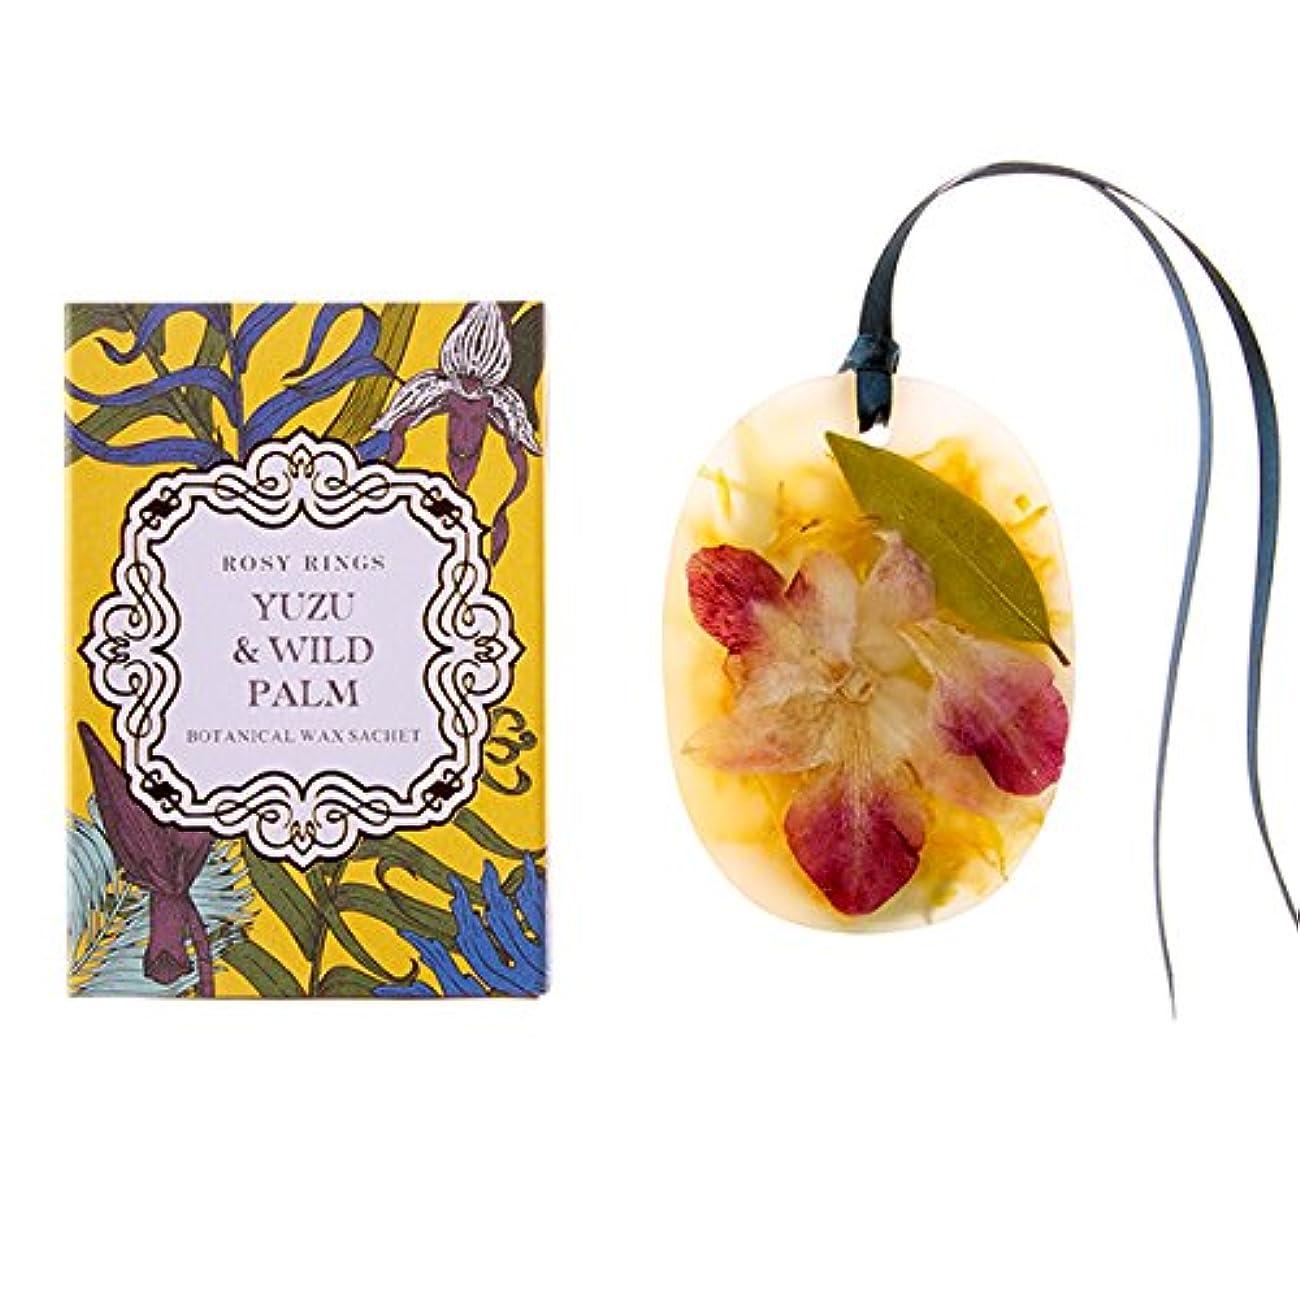 混乱させるティッシュエンジンロージーリングス プティボタニカルサシェ ユズ&ワイルドパーム ROSY RINGS Petite Oval Botanical Wax Sachet Yuzu & Wild Palm